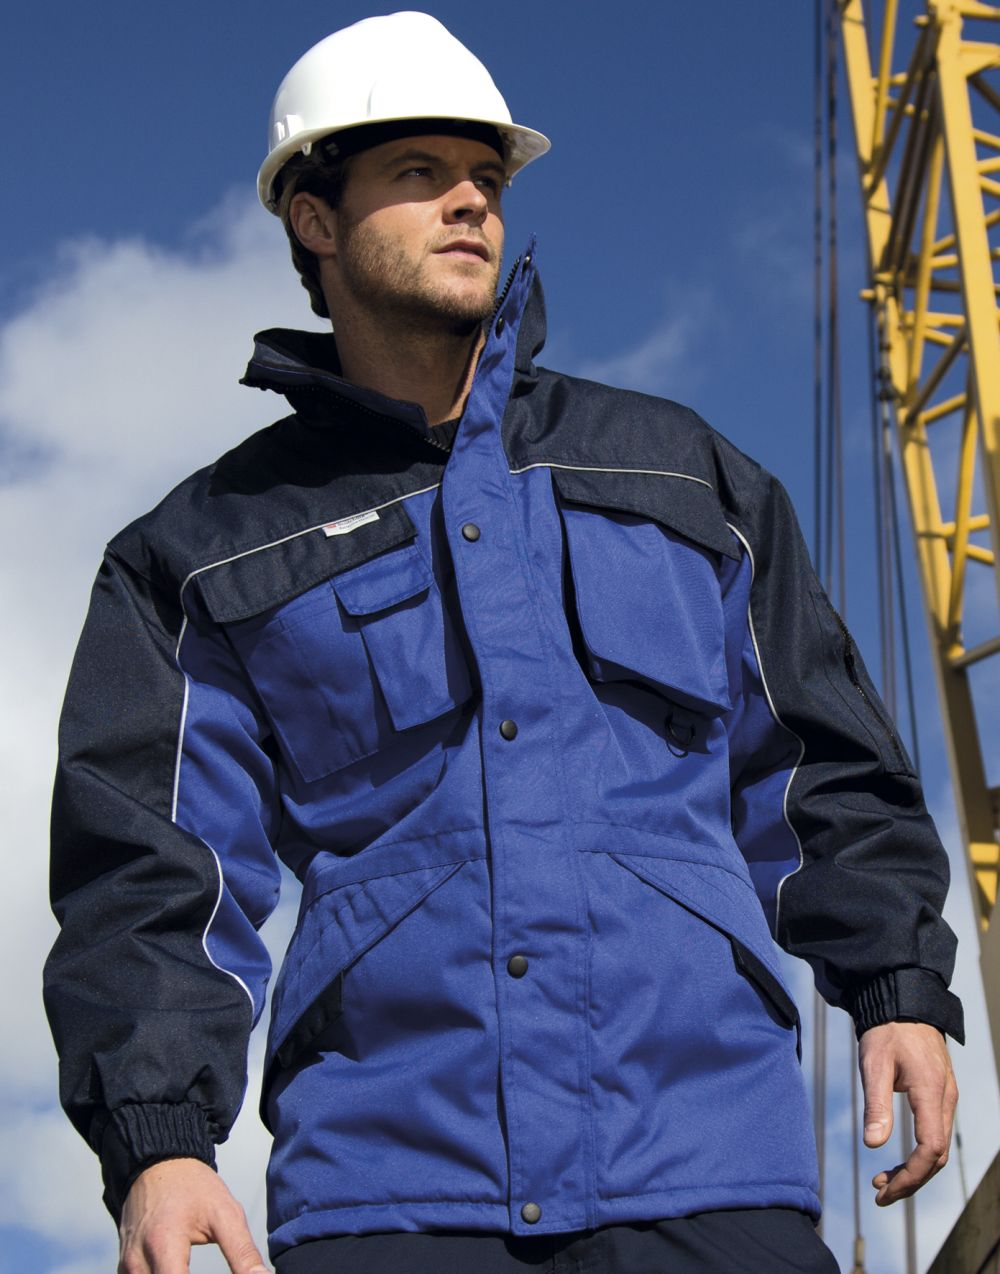 Chaquetas y cazadoras de trabajo result abrigo combo industrial workguard™ imagen 2